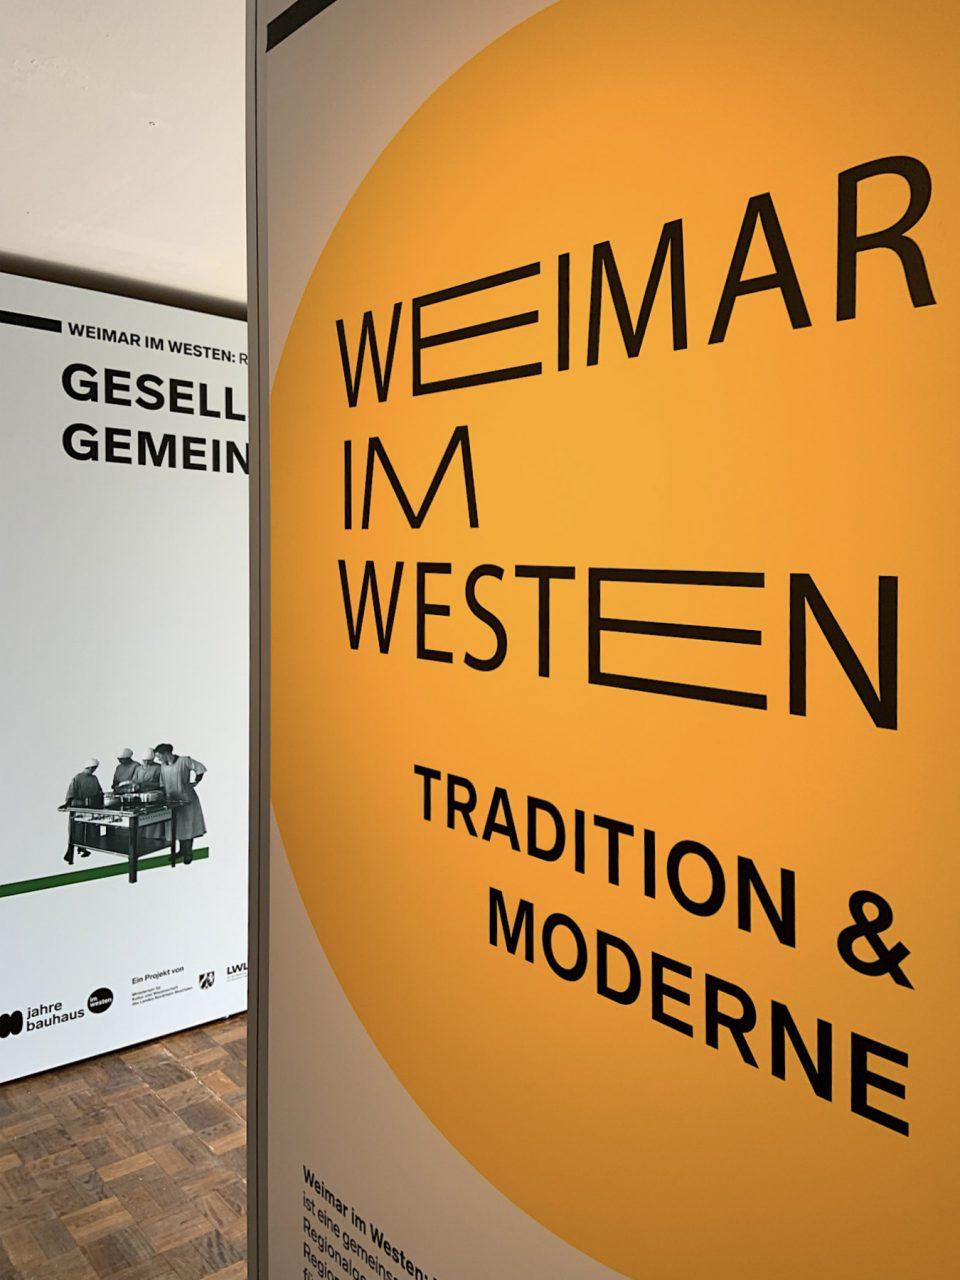 """Museum für Kunst und Kunstgeschichte. Das MKK in Dortmund zeigt bis 23.6.2019 die multimediale Wanderausstellung """"Weimar im Westen: Republik der Gegensätze"""". Danach macht die Schau Station in Bielefeld, Vogelsang, Minden und Münster."""